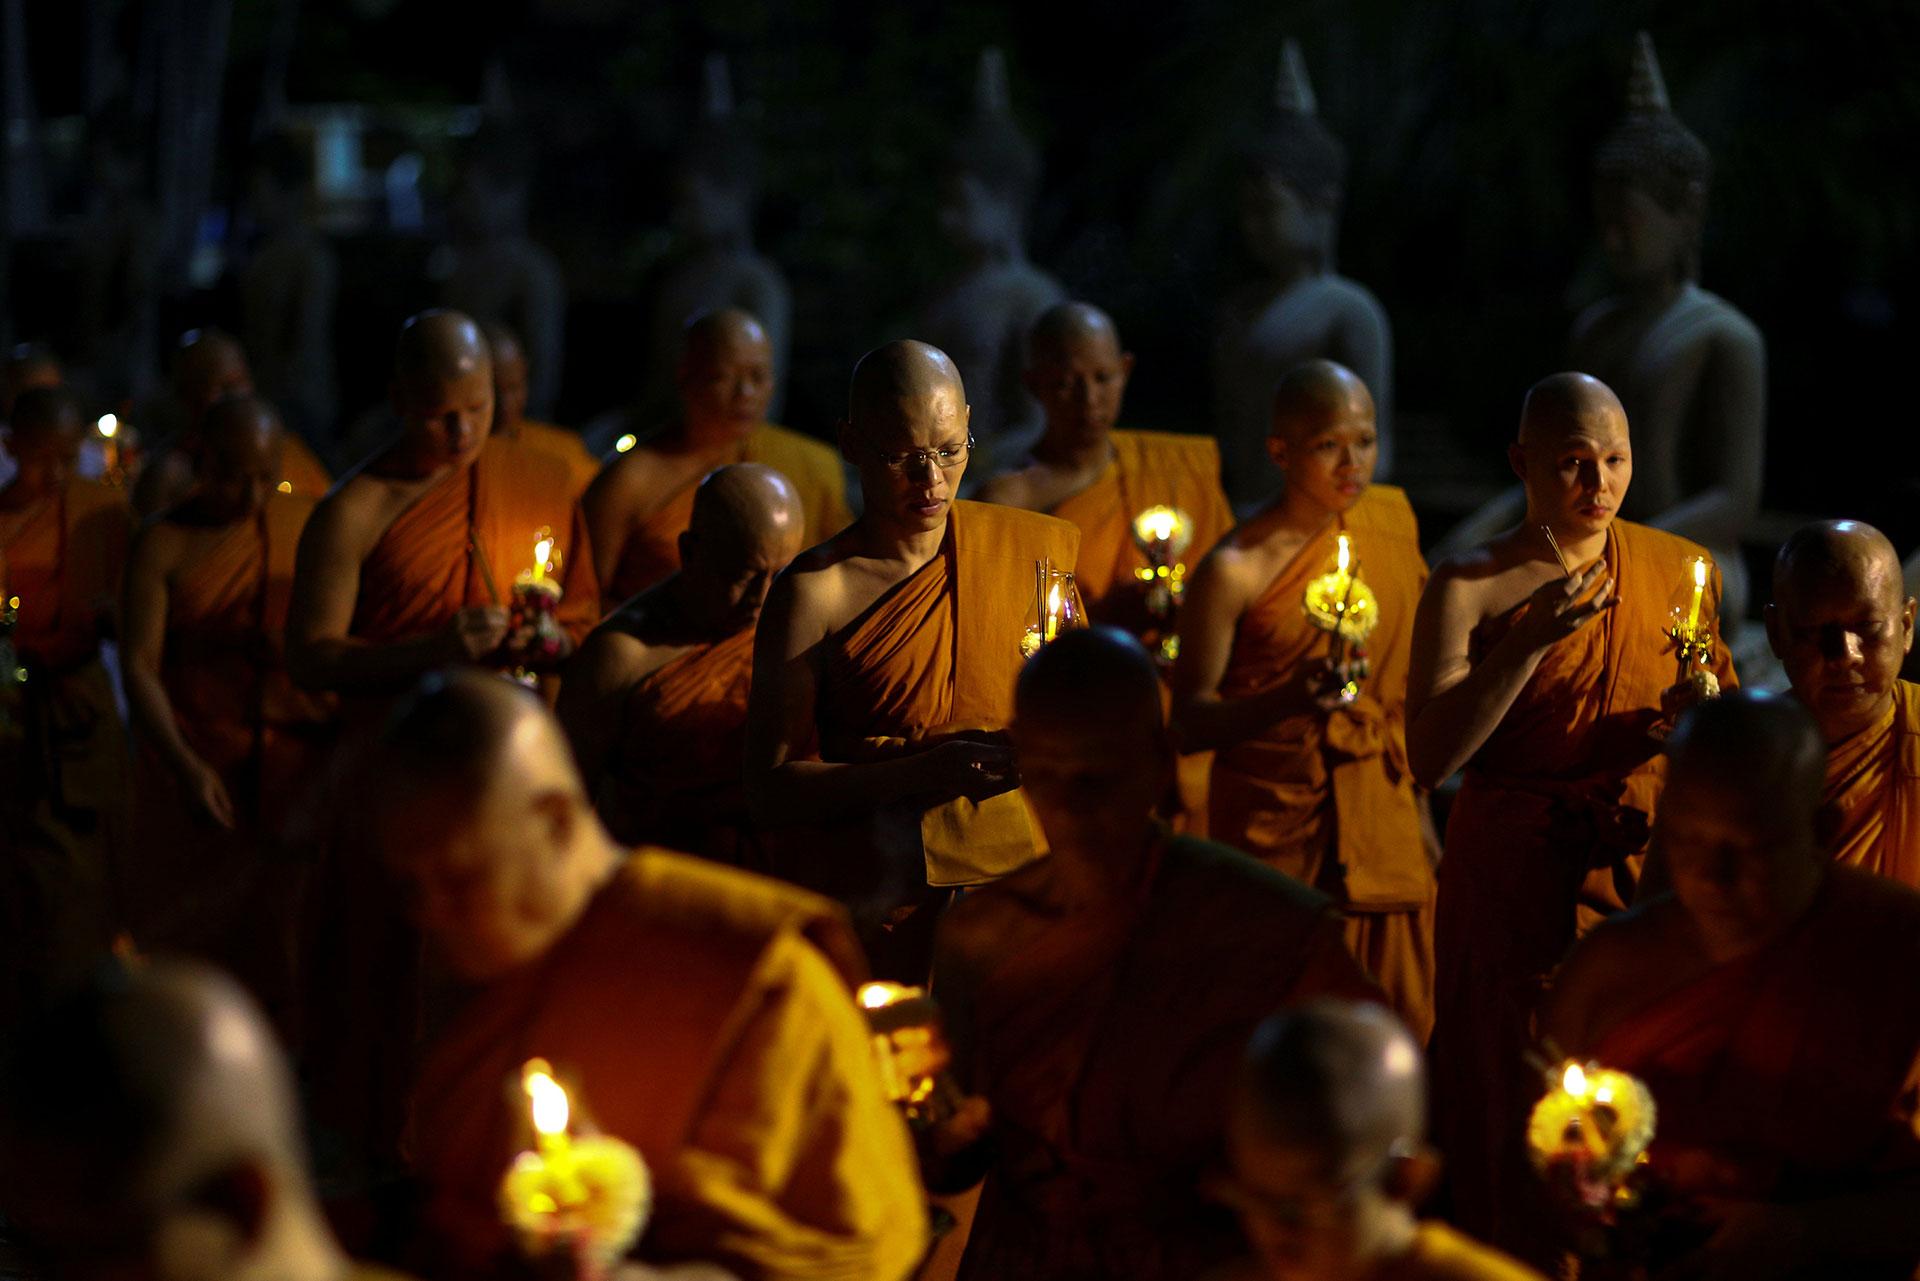 Monjes budistas cargan velas mientras rezan en el templo Chai Mongkhon en Ayutthaya, Tailandia el 10 de mayo de 2017. (Reuters)